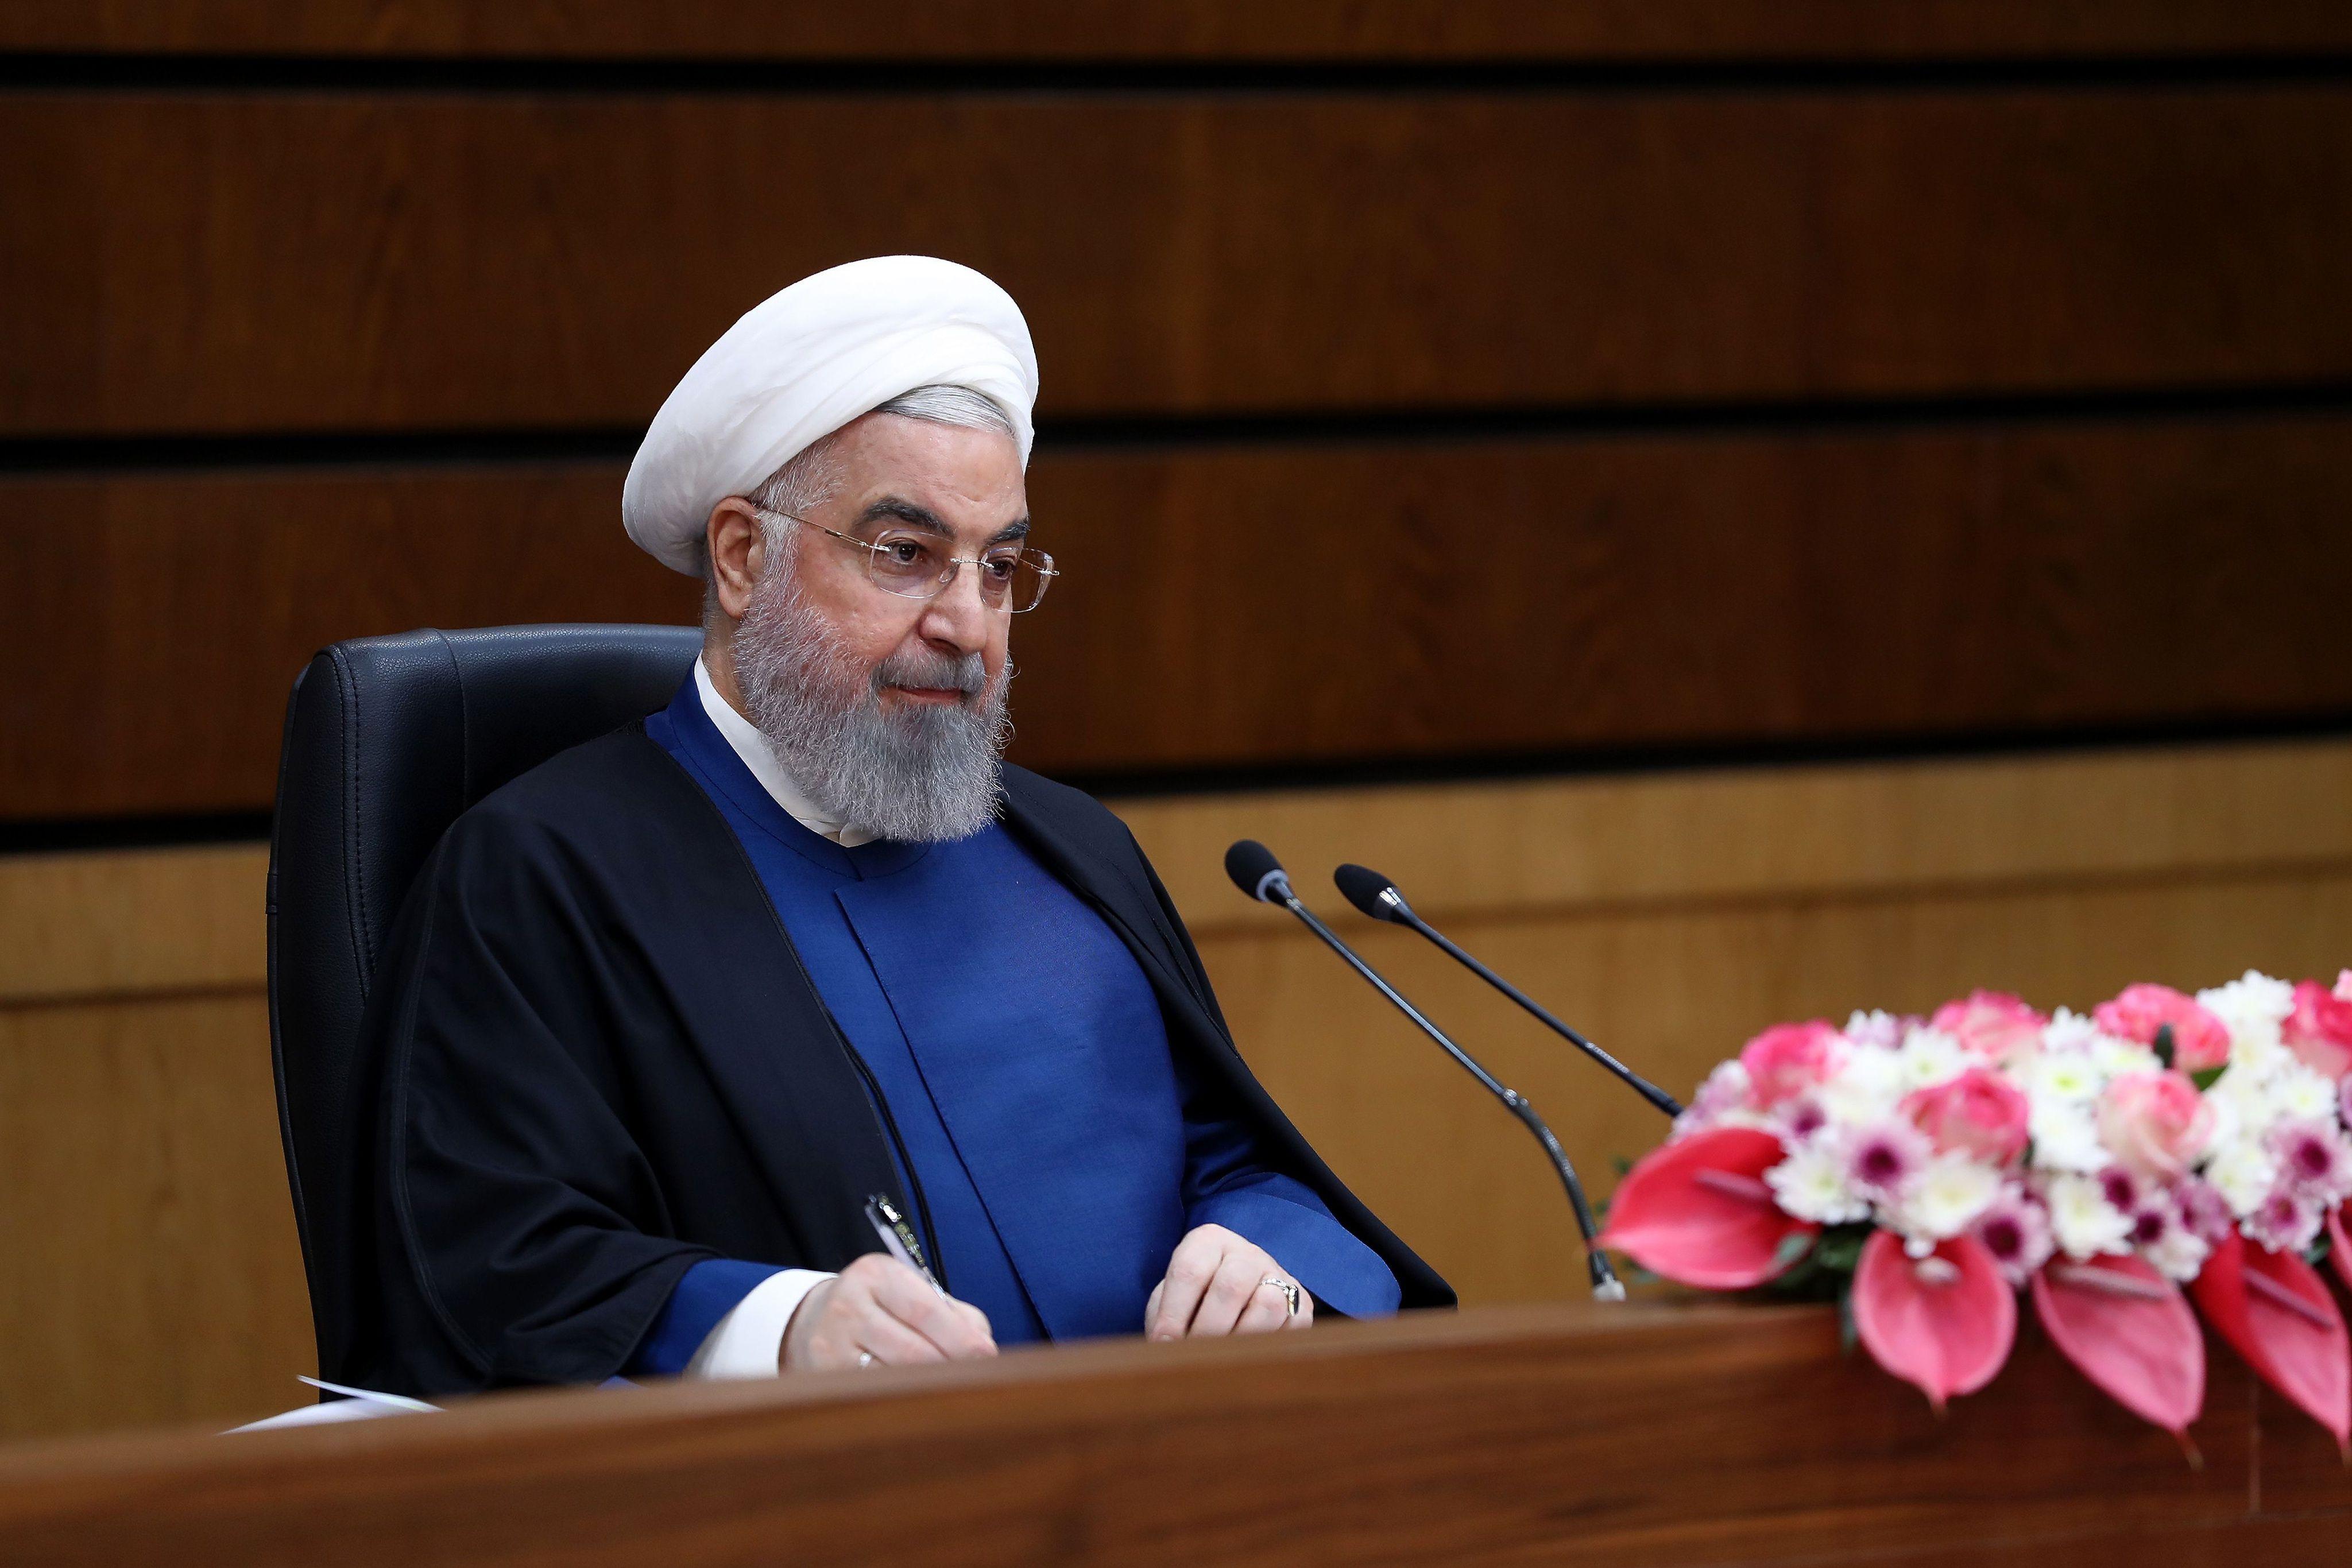 Le président iranien Hassan Rouhani le 10 avril 2021 à Téhéran.